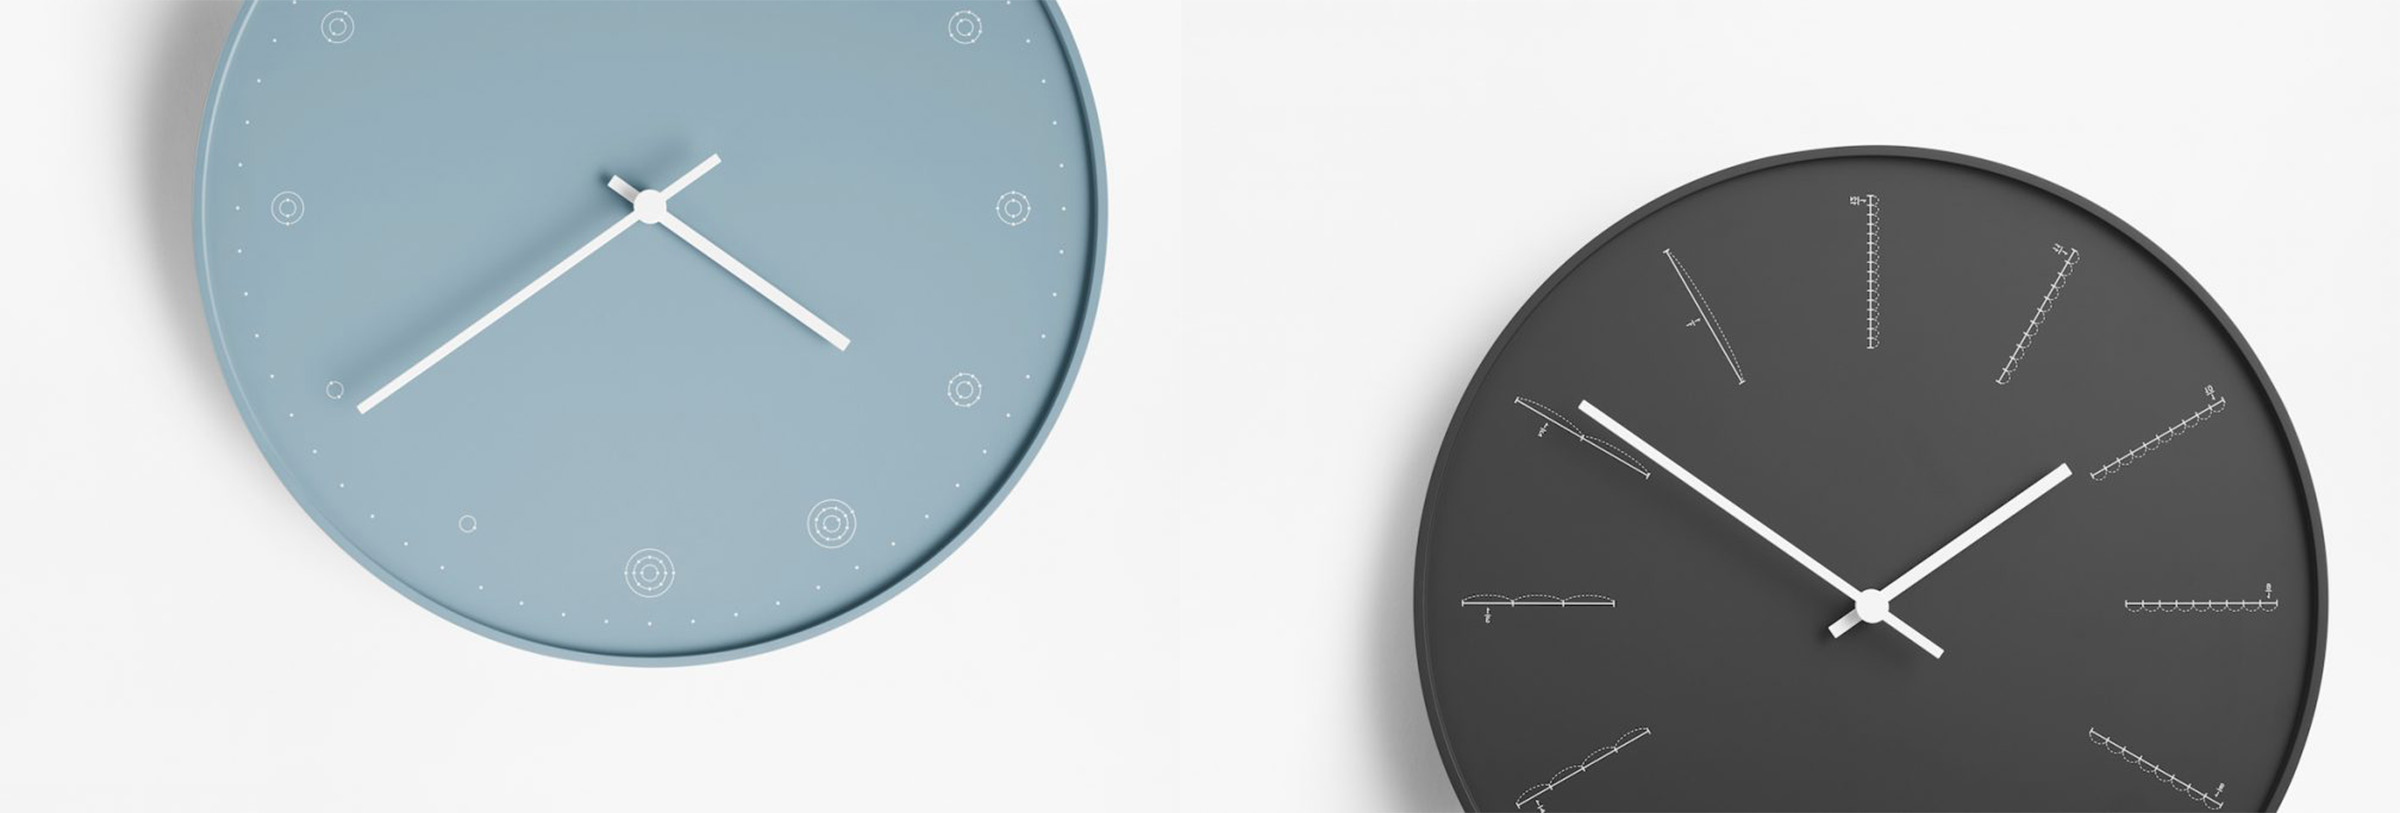 Wohnzimmer Uhren Modern, wohnzimmer uhren modern jetzt online bestellen | satamo, Design ideen